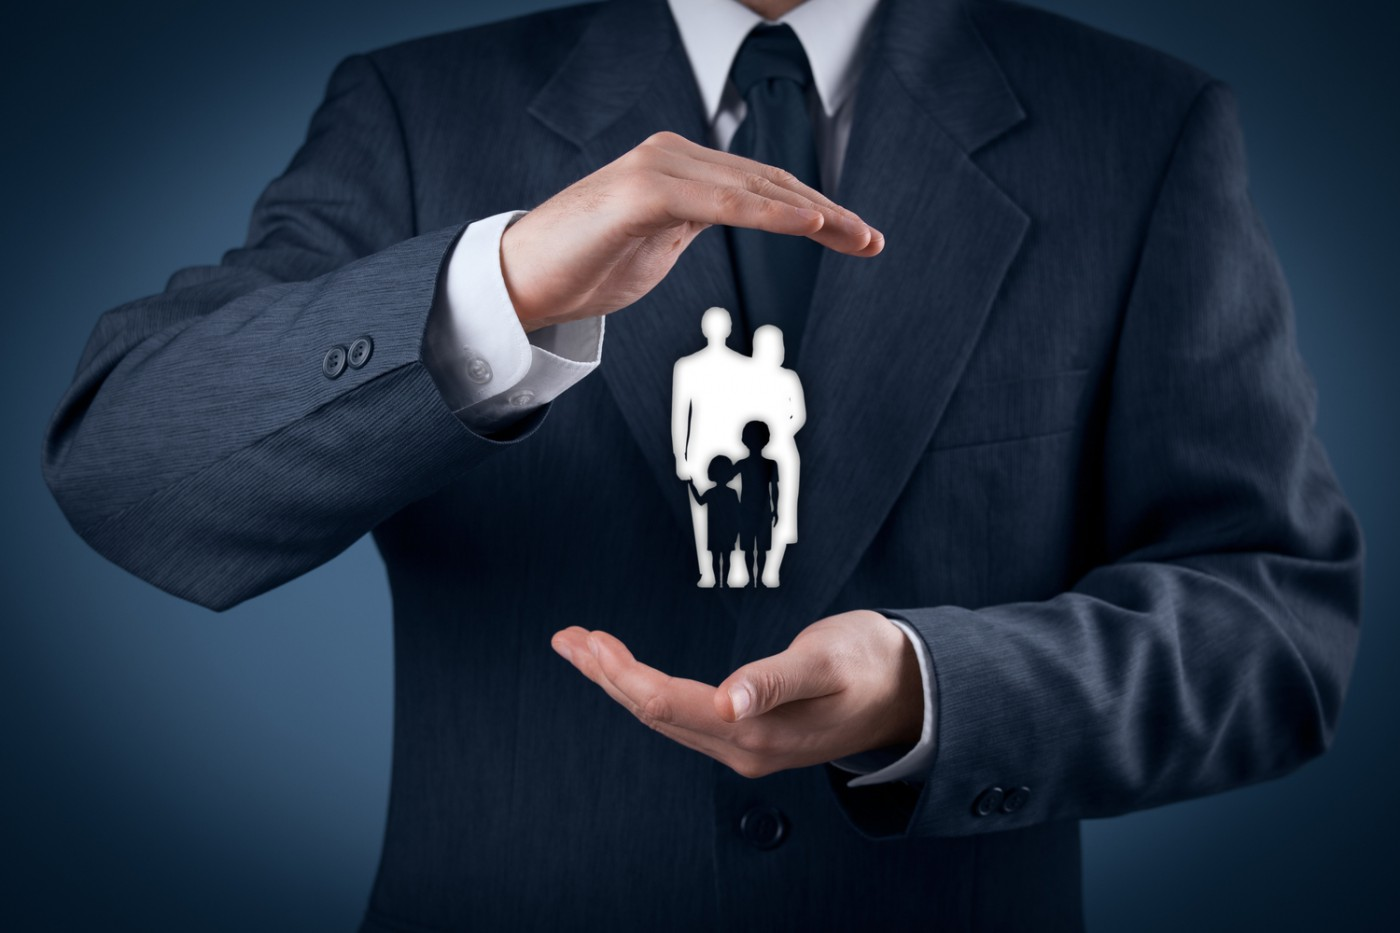 Gestione - Protezione - Famiglia Imc